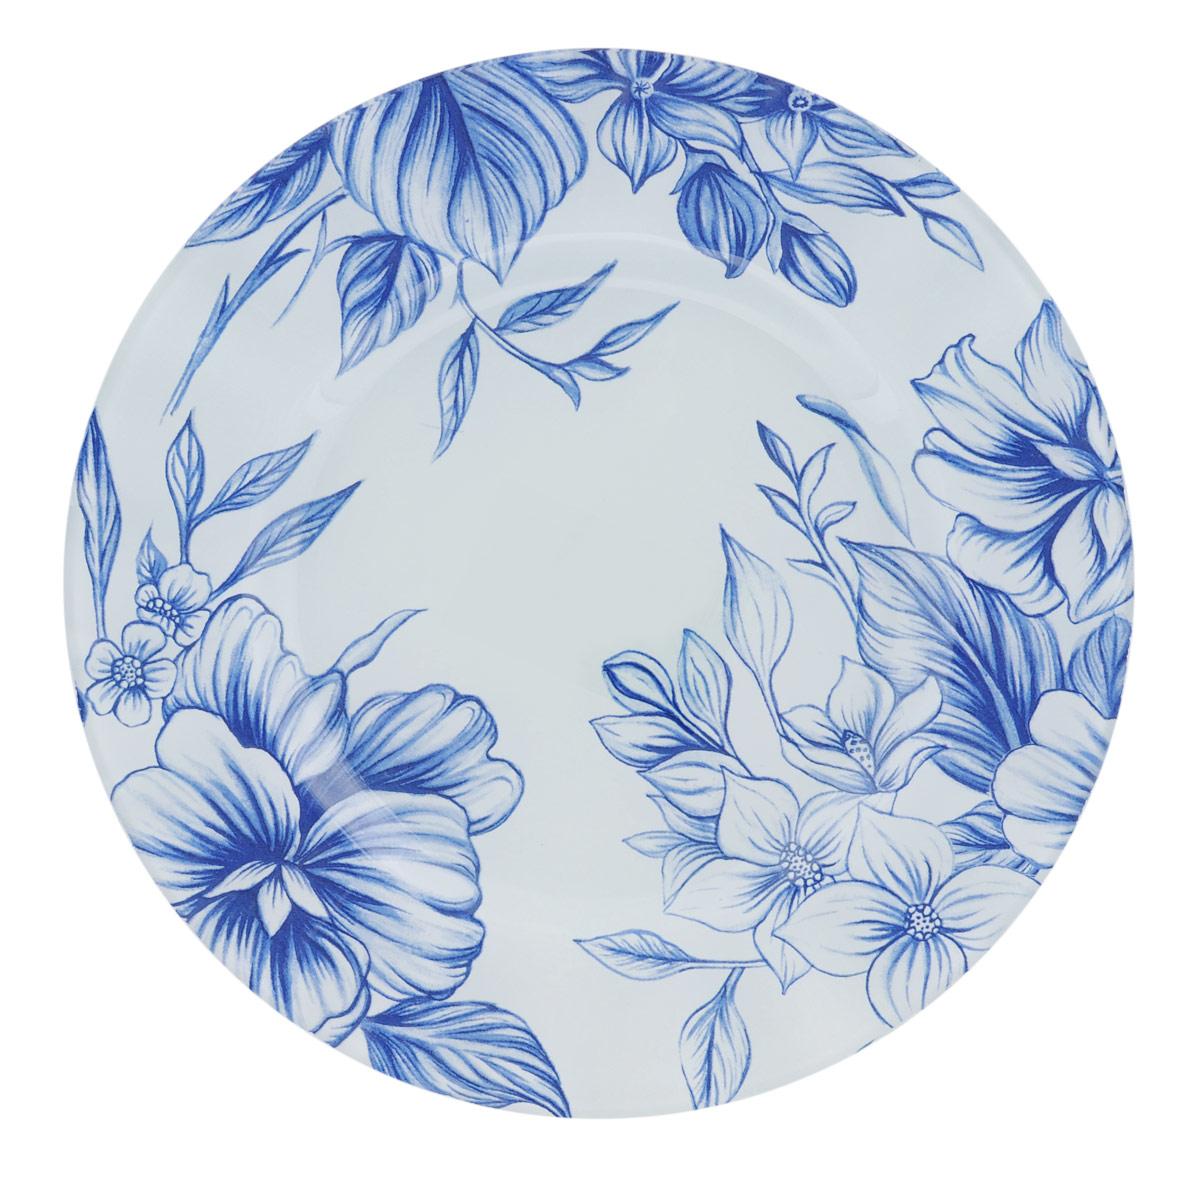 Тарелка House & Holder Синие цветы, диаметр 23 см. S3009EF114S3009EF114Круглая тарелка House & Holder Синие цветы, изготовленная из стекла, декорирована ярким изображением. Такая тарелка украсит сервировку вашего стола и подчеркнет прекрасный вкус хозяина, а также станет отличным подарком. Диаметр: 23 см. Высота: 1,9 см.